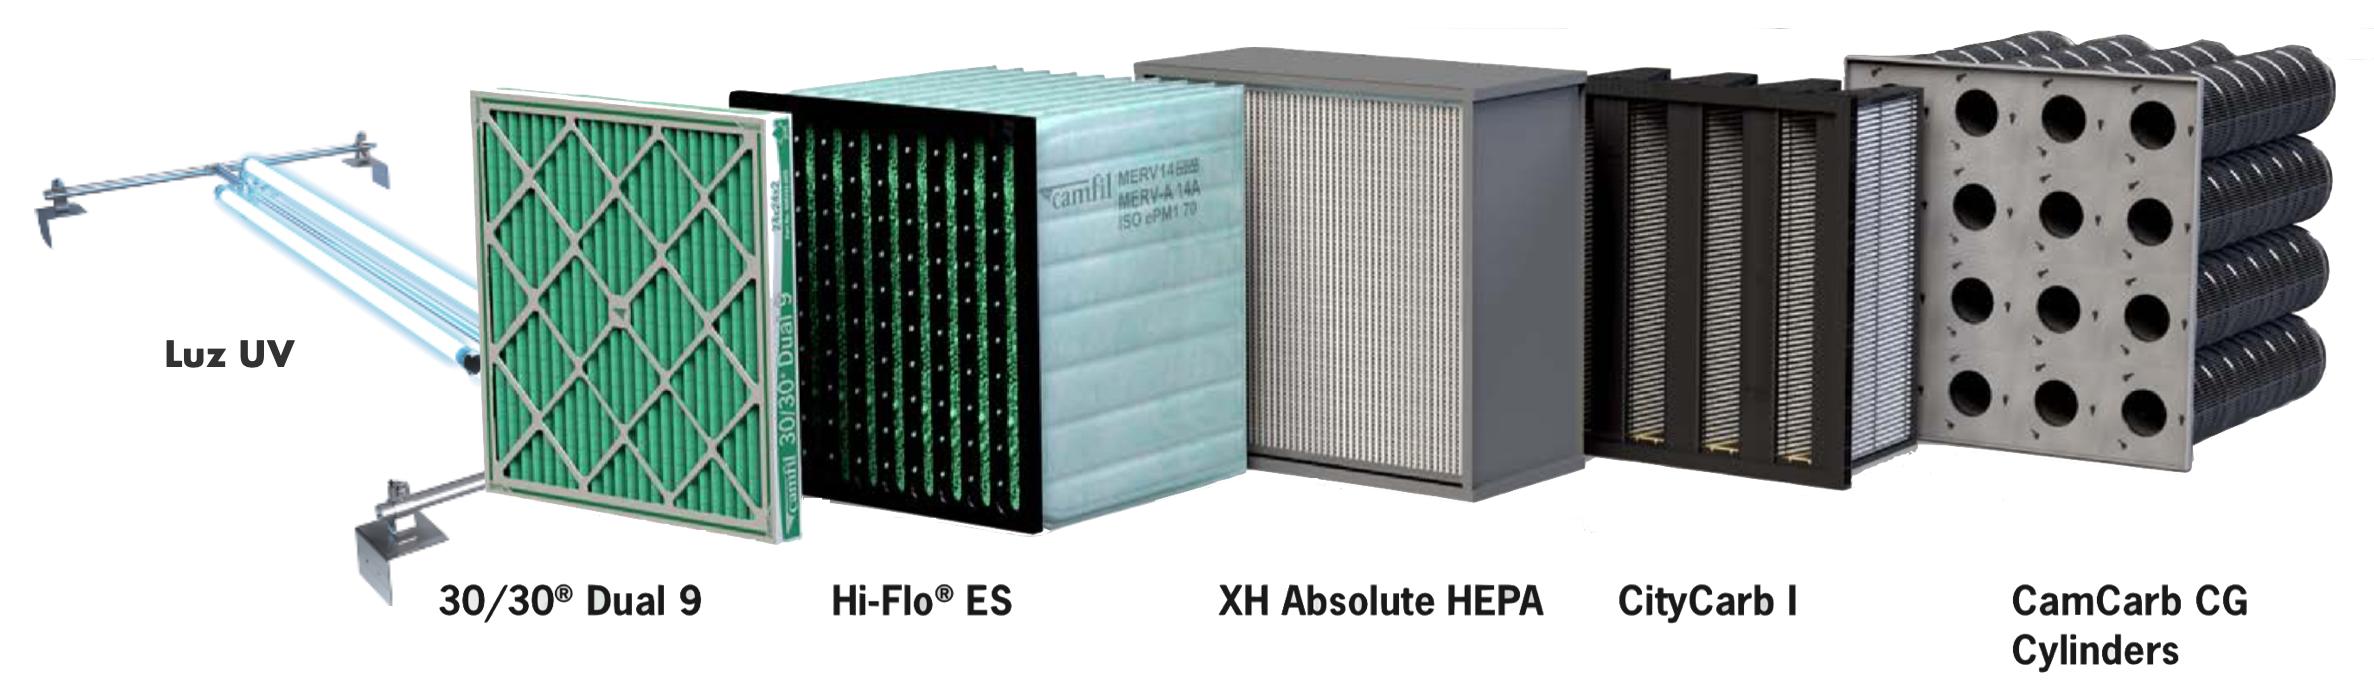 Filtros para el cannabis, filtro plisado, filtro con carbon activado, luz uv